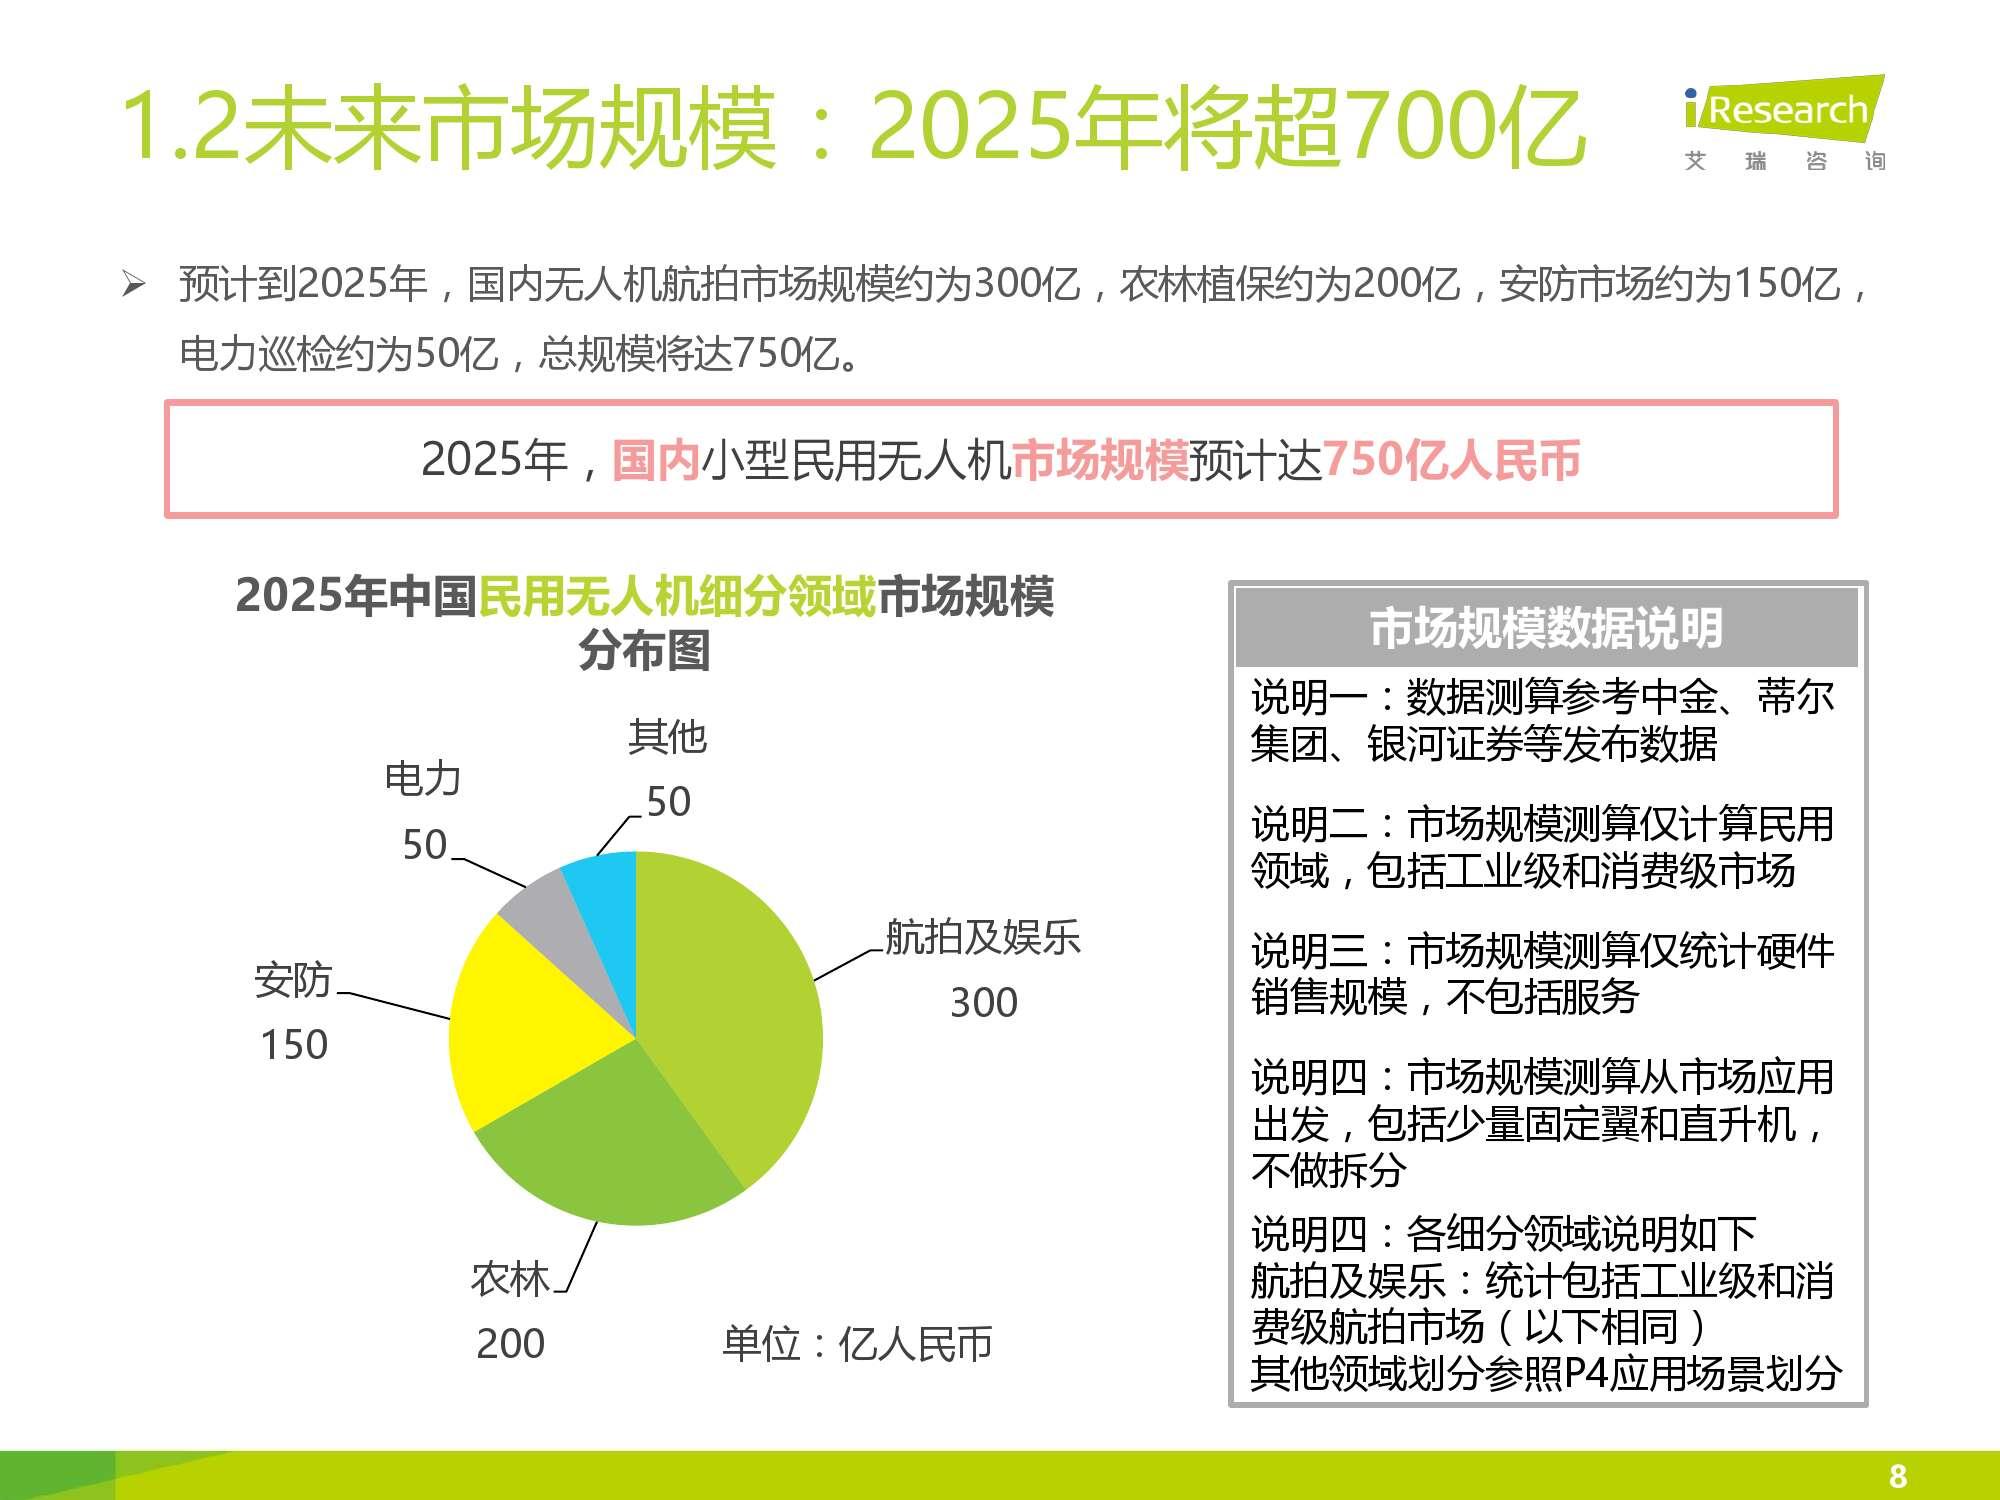 2016年中国无人机行业研究报告简版_000008